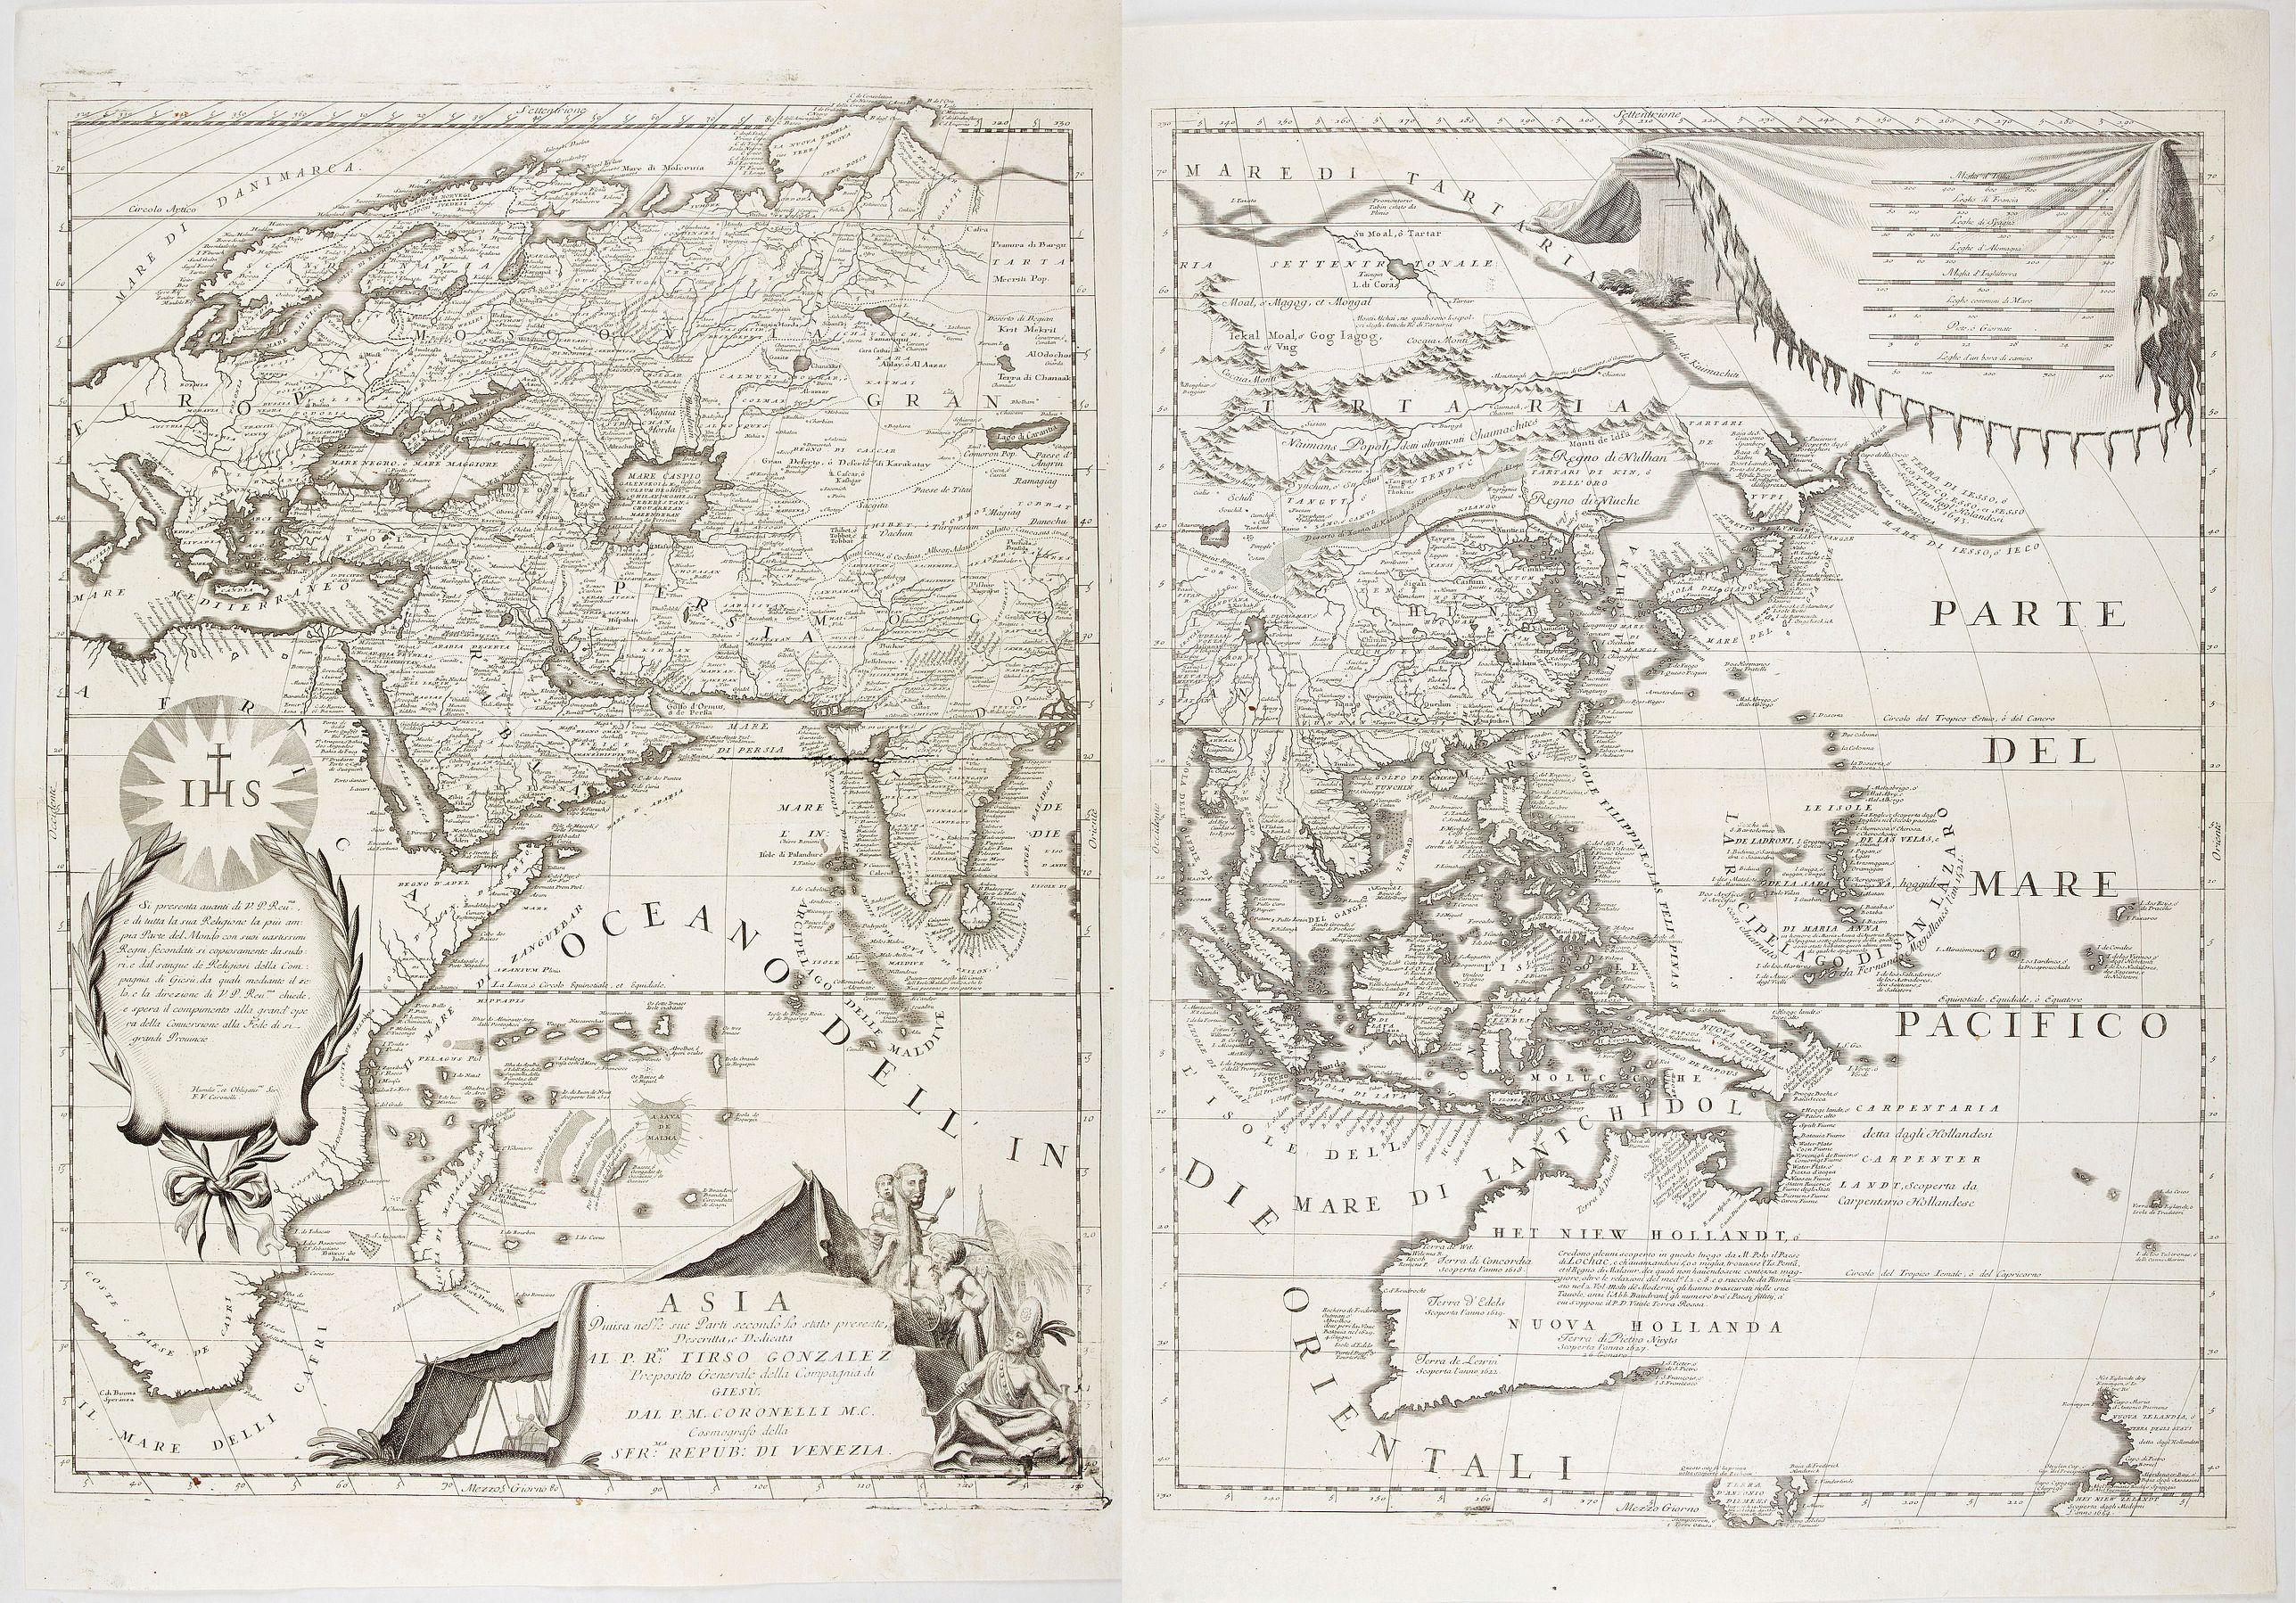 CORONELLI, V. M. -  Asia Divisa nelle sue Parti secondo lo stato presente Descritta, e Dedicata.. Dal P.M. Coronelli.